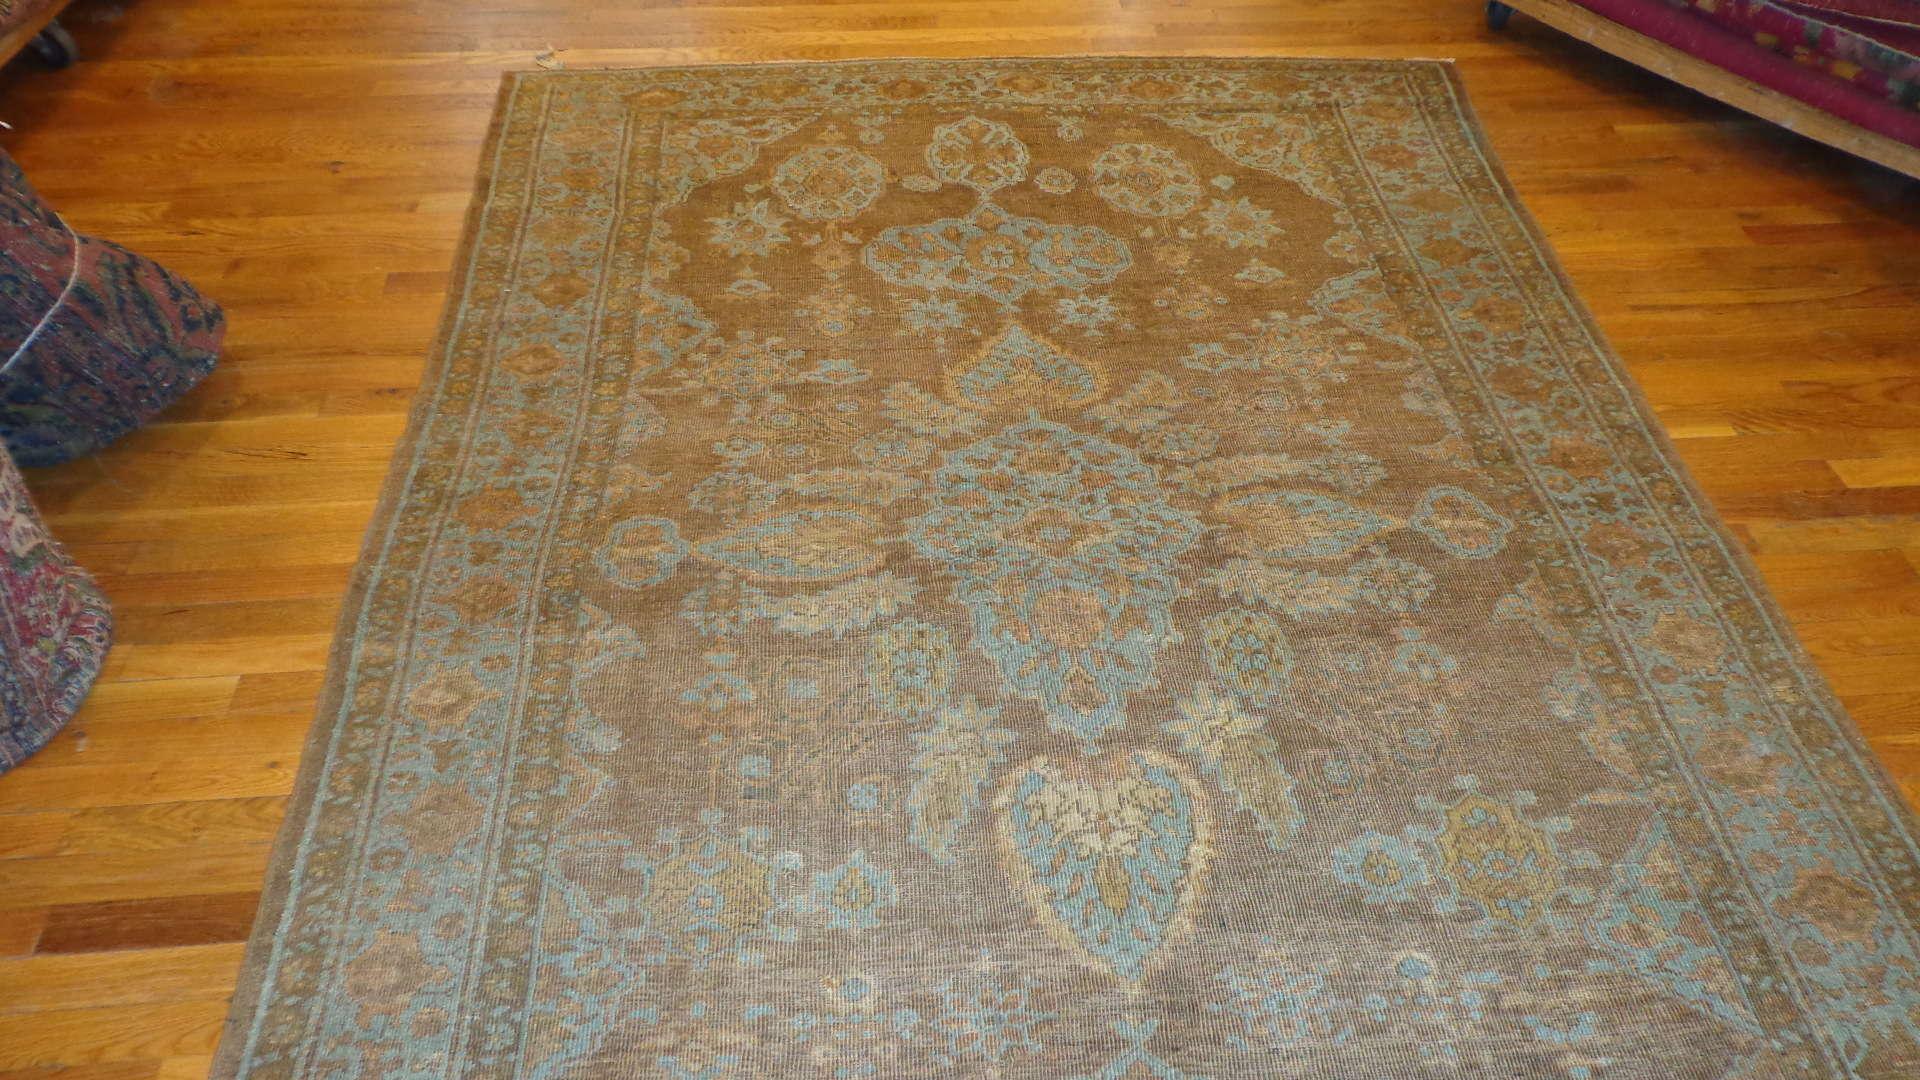 24519 antique Mahal rug 5,10 x 8,8